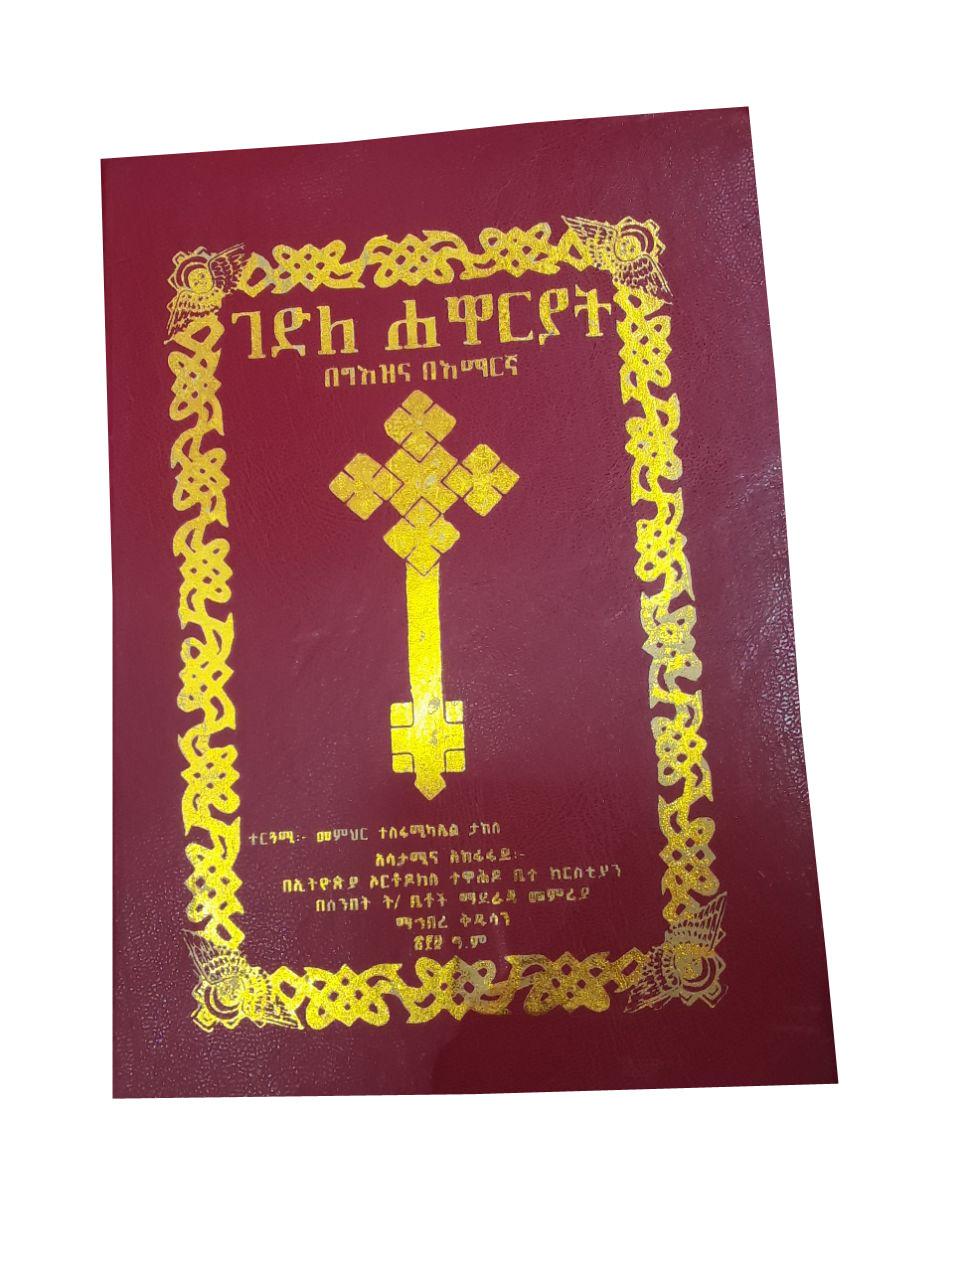 ገድለ ሐዋርያት በግእዝና በአማርኛ Gedele Hawareyat Geez and Amharic